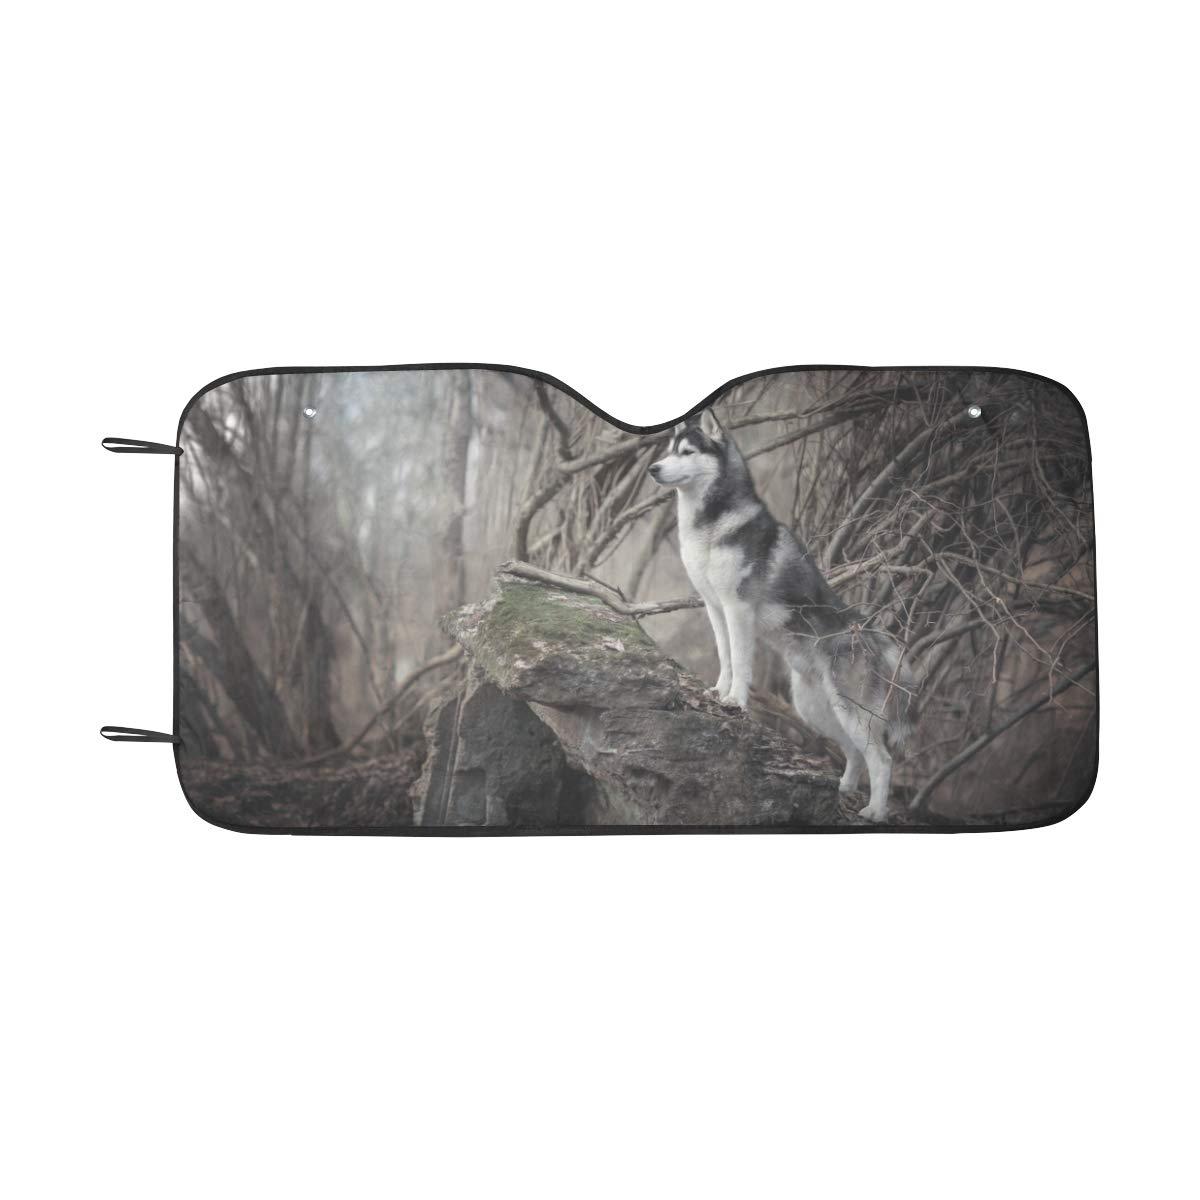 140 cm x Gran sombrilla plegable para el sol y sombra Siberiano Siberiano Husky para un m/áximo de protecci/ón contra rayos ultravioleta y protecci/ón solar Mantenga su veh/ículo fresco 55 x 30 pulgadas